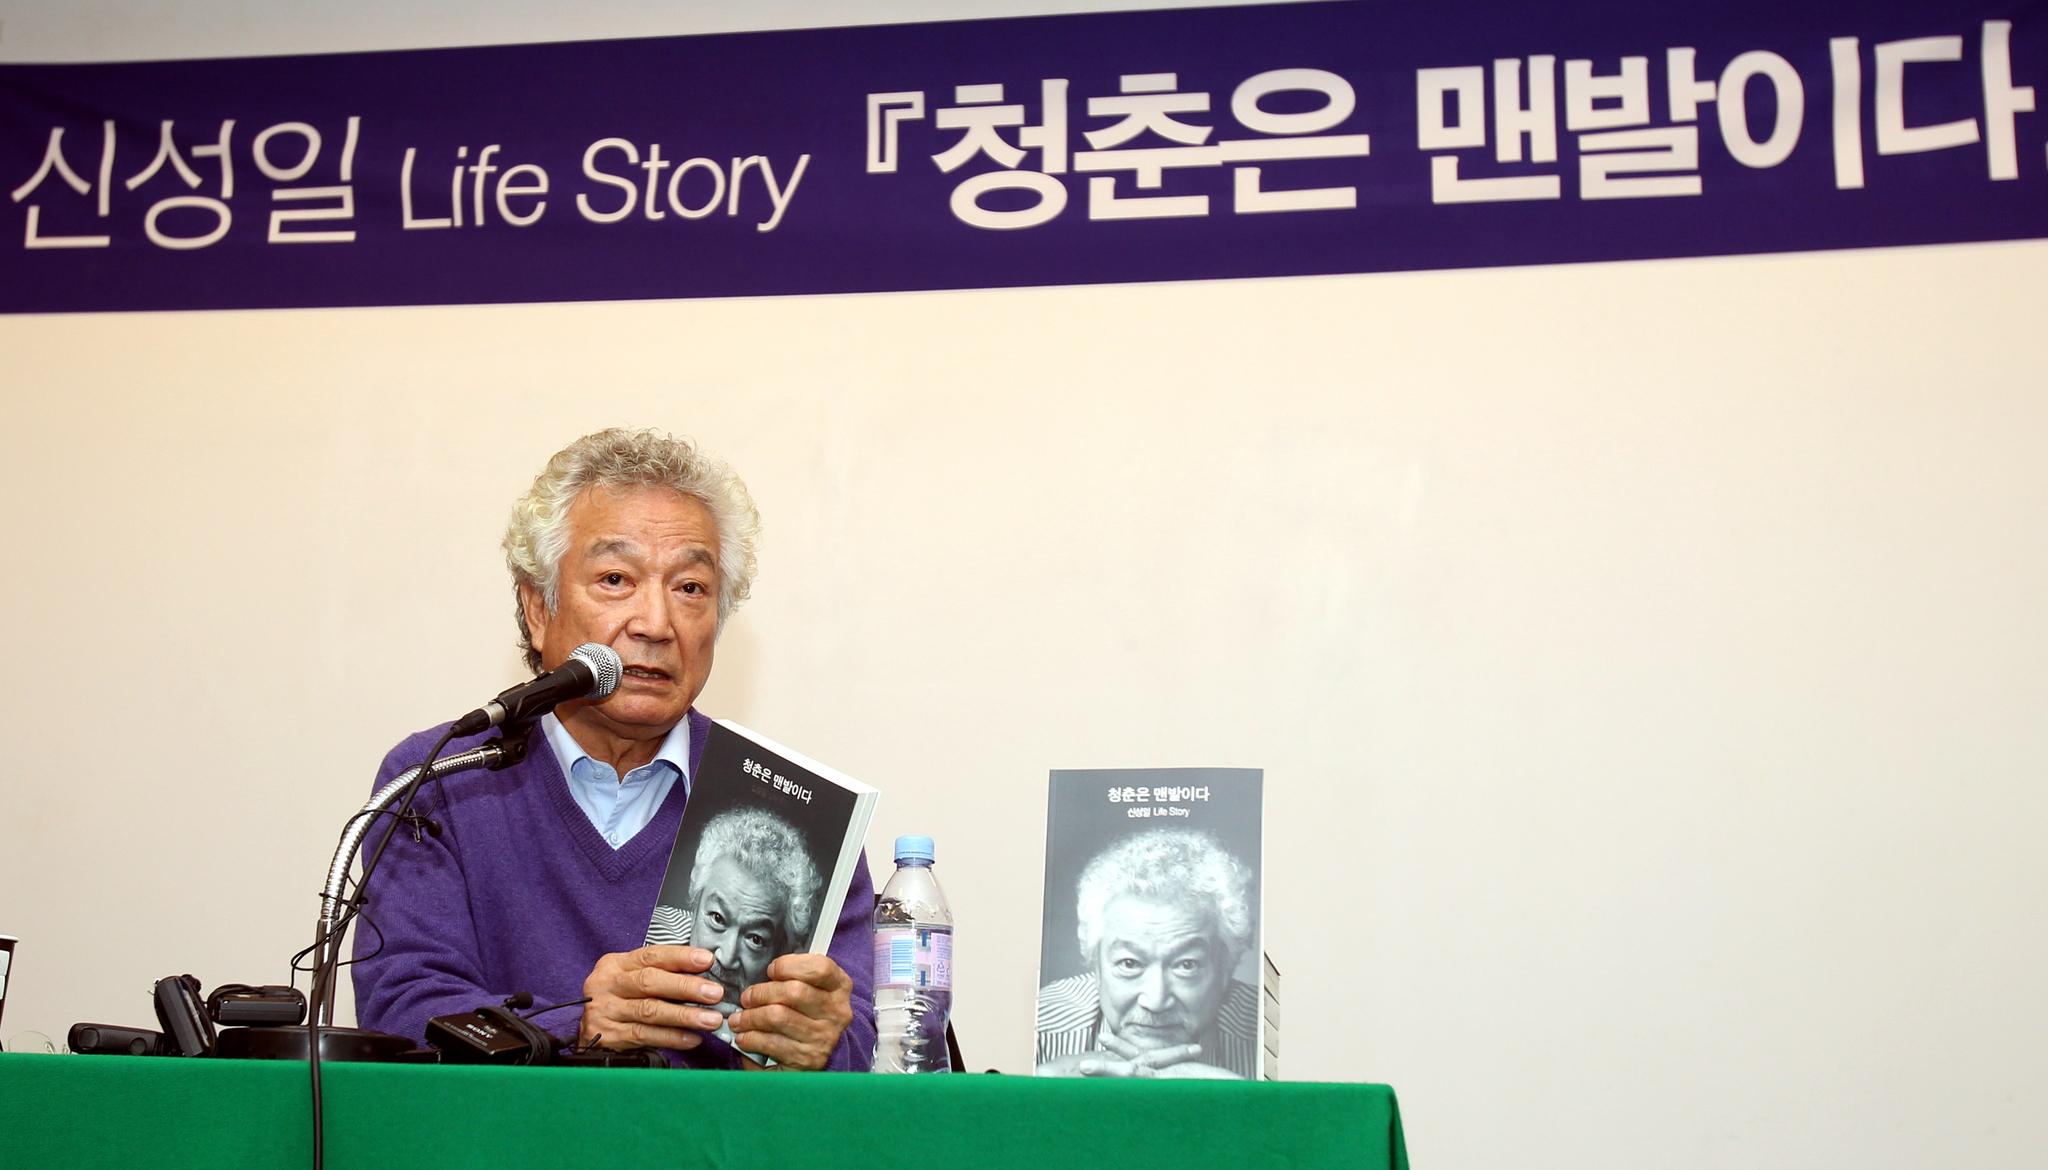 2011년 12월 5일 신성일이 단행본 '청춘은 맨발이다'를 출간했다. '청춘은 맨발이다'는 중앙일보와 일간스포츠가 연재한 컬럼을 묶은 신성일 단행본 자전스토리다. 신성일이 이날 대한상공회의소에서 출간 기자간담회를 갖고 있다. 신성일은 이 책에서 연극배우와 아나운서로 활동한 고 김영애(1944-1985)씨를 1970년대에 만나 사랑한 이야기를 공개, 파장을 일으켰다. 양광삼 기자